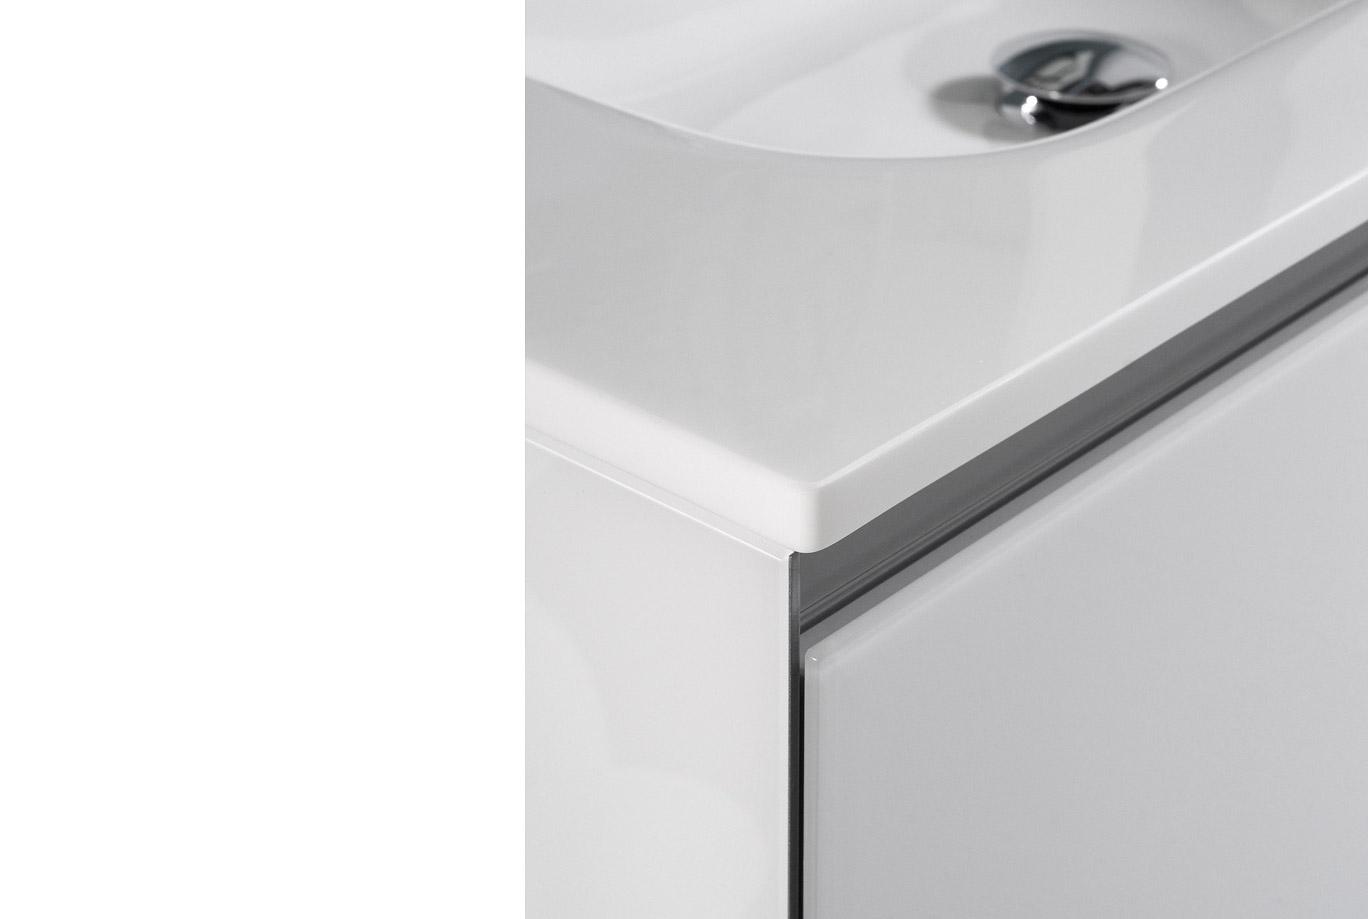 Domino - Info - Das Badezimmer, Design, Badmöbel ...